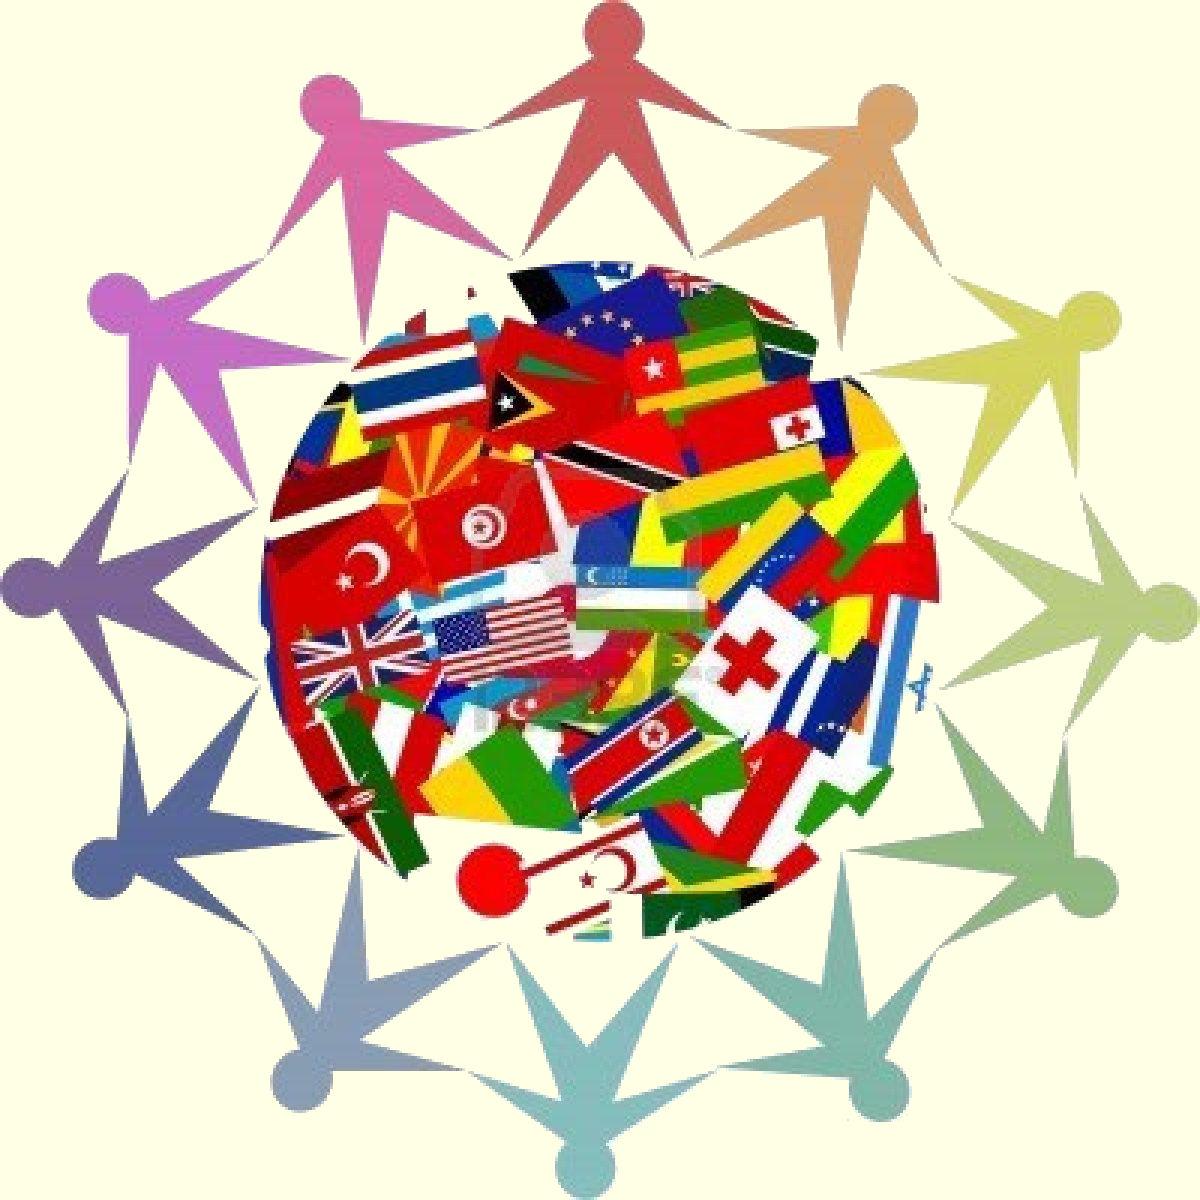 Global Penfriends - SNAIL MAIL & Internet Penpals - Meet